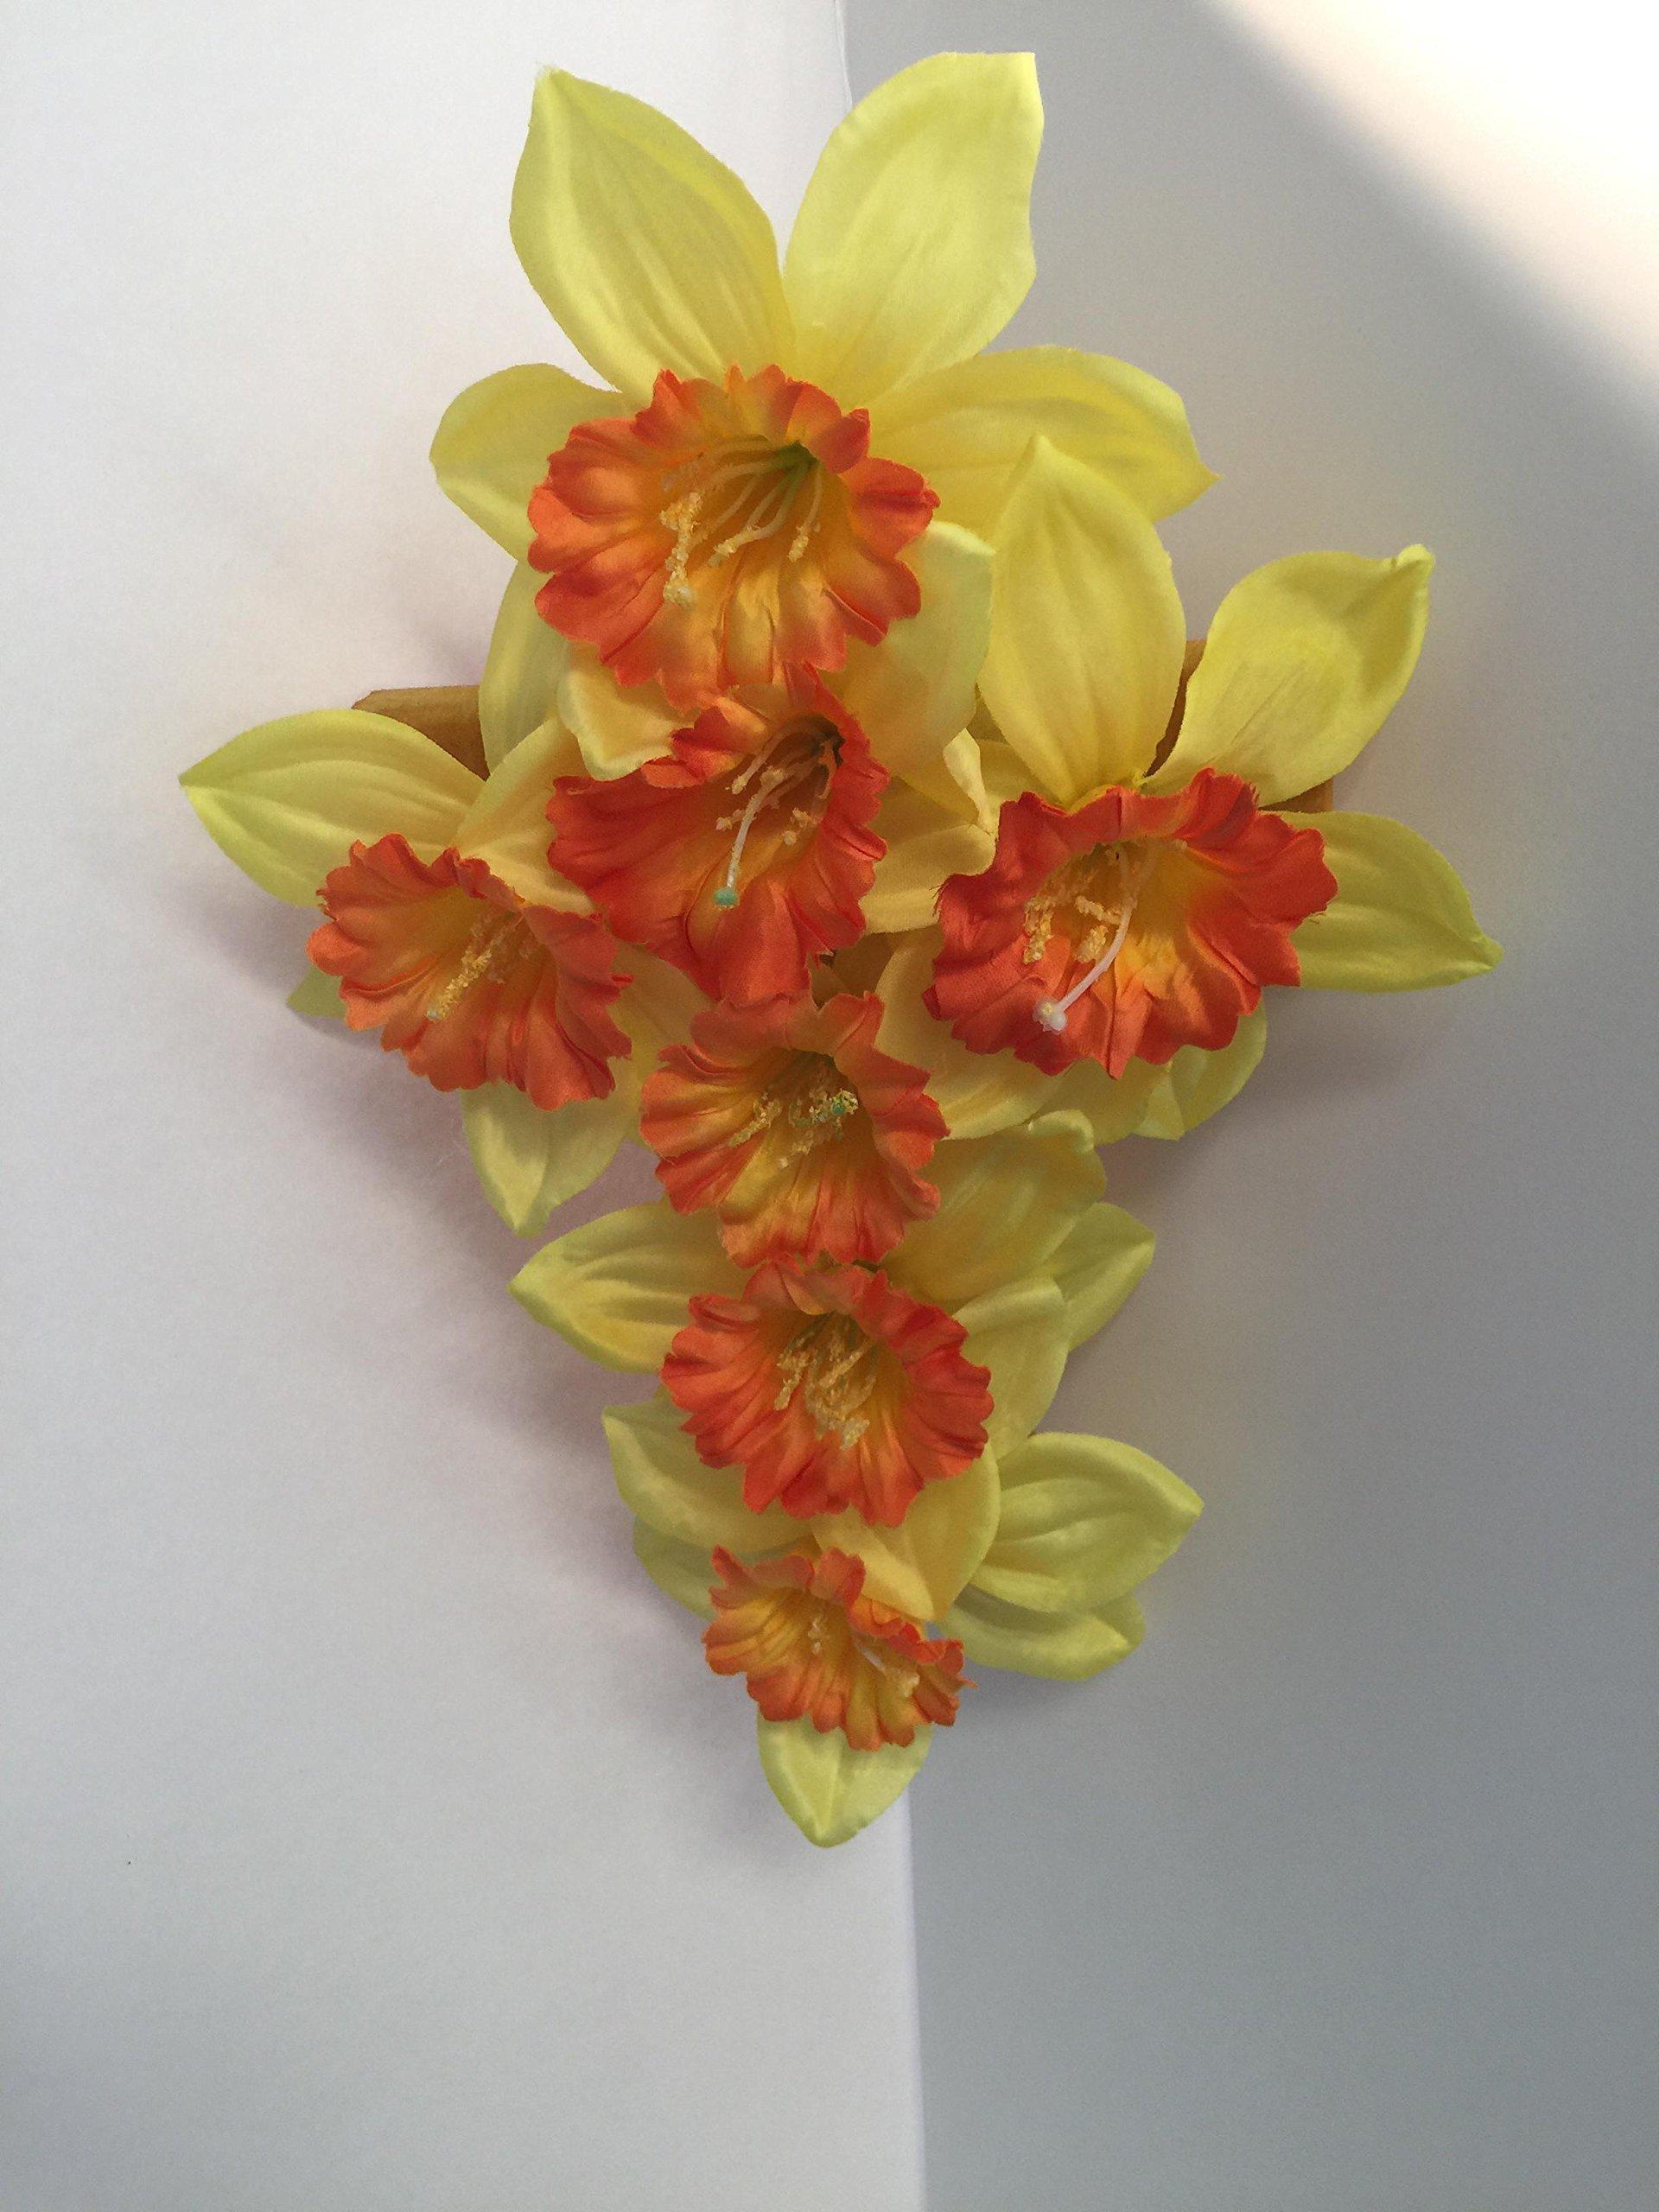 Large Cross Wall Decor - Yellow/Orange Daffodils